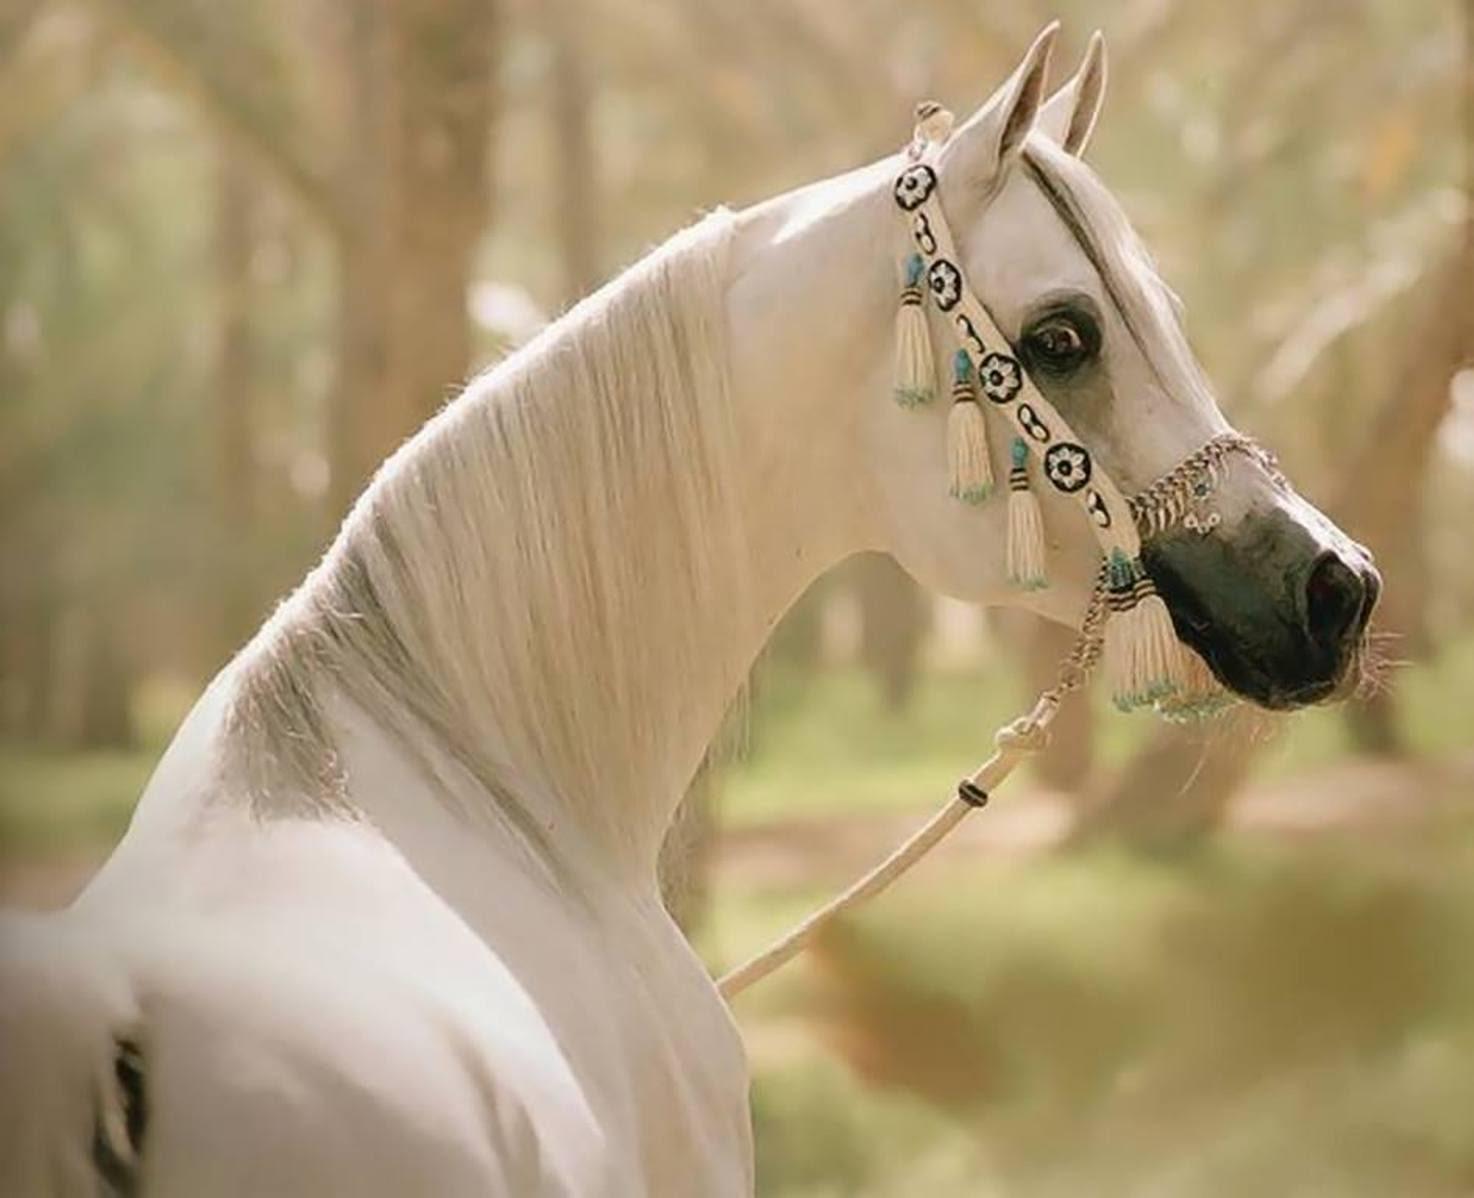 بالصور صور خيول اصيلة بالوان جميله 20160716 2318